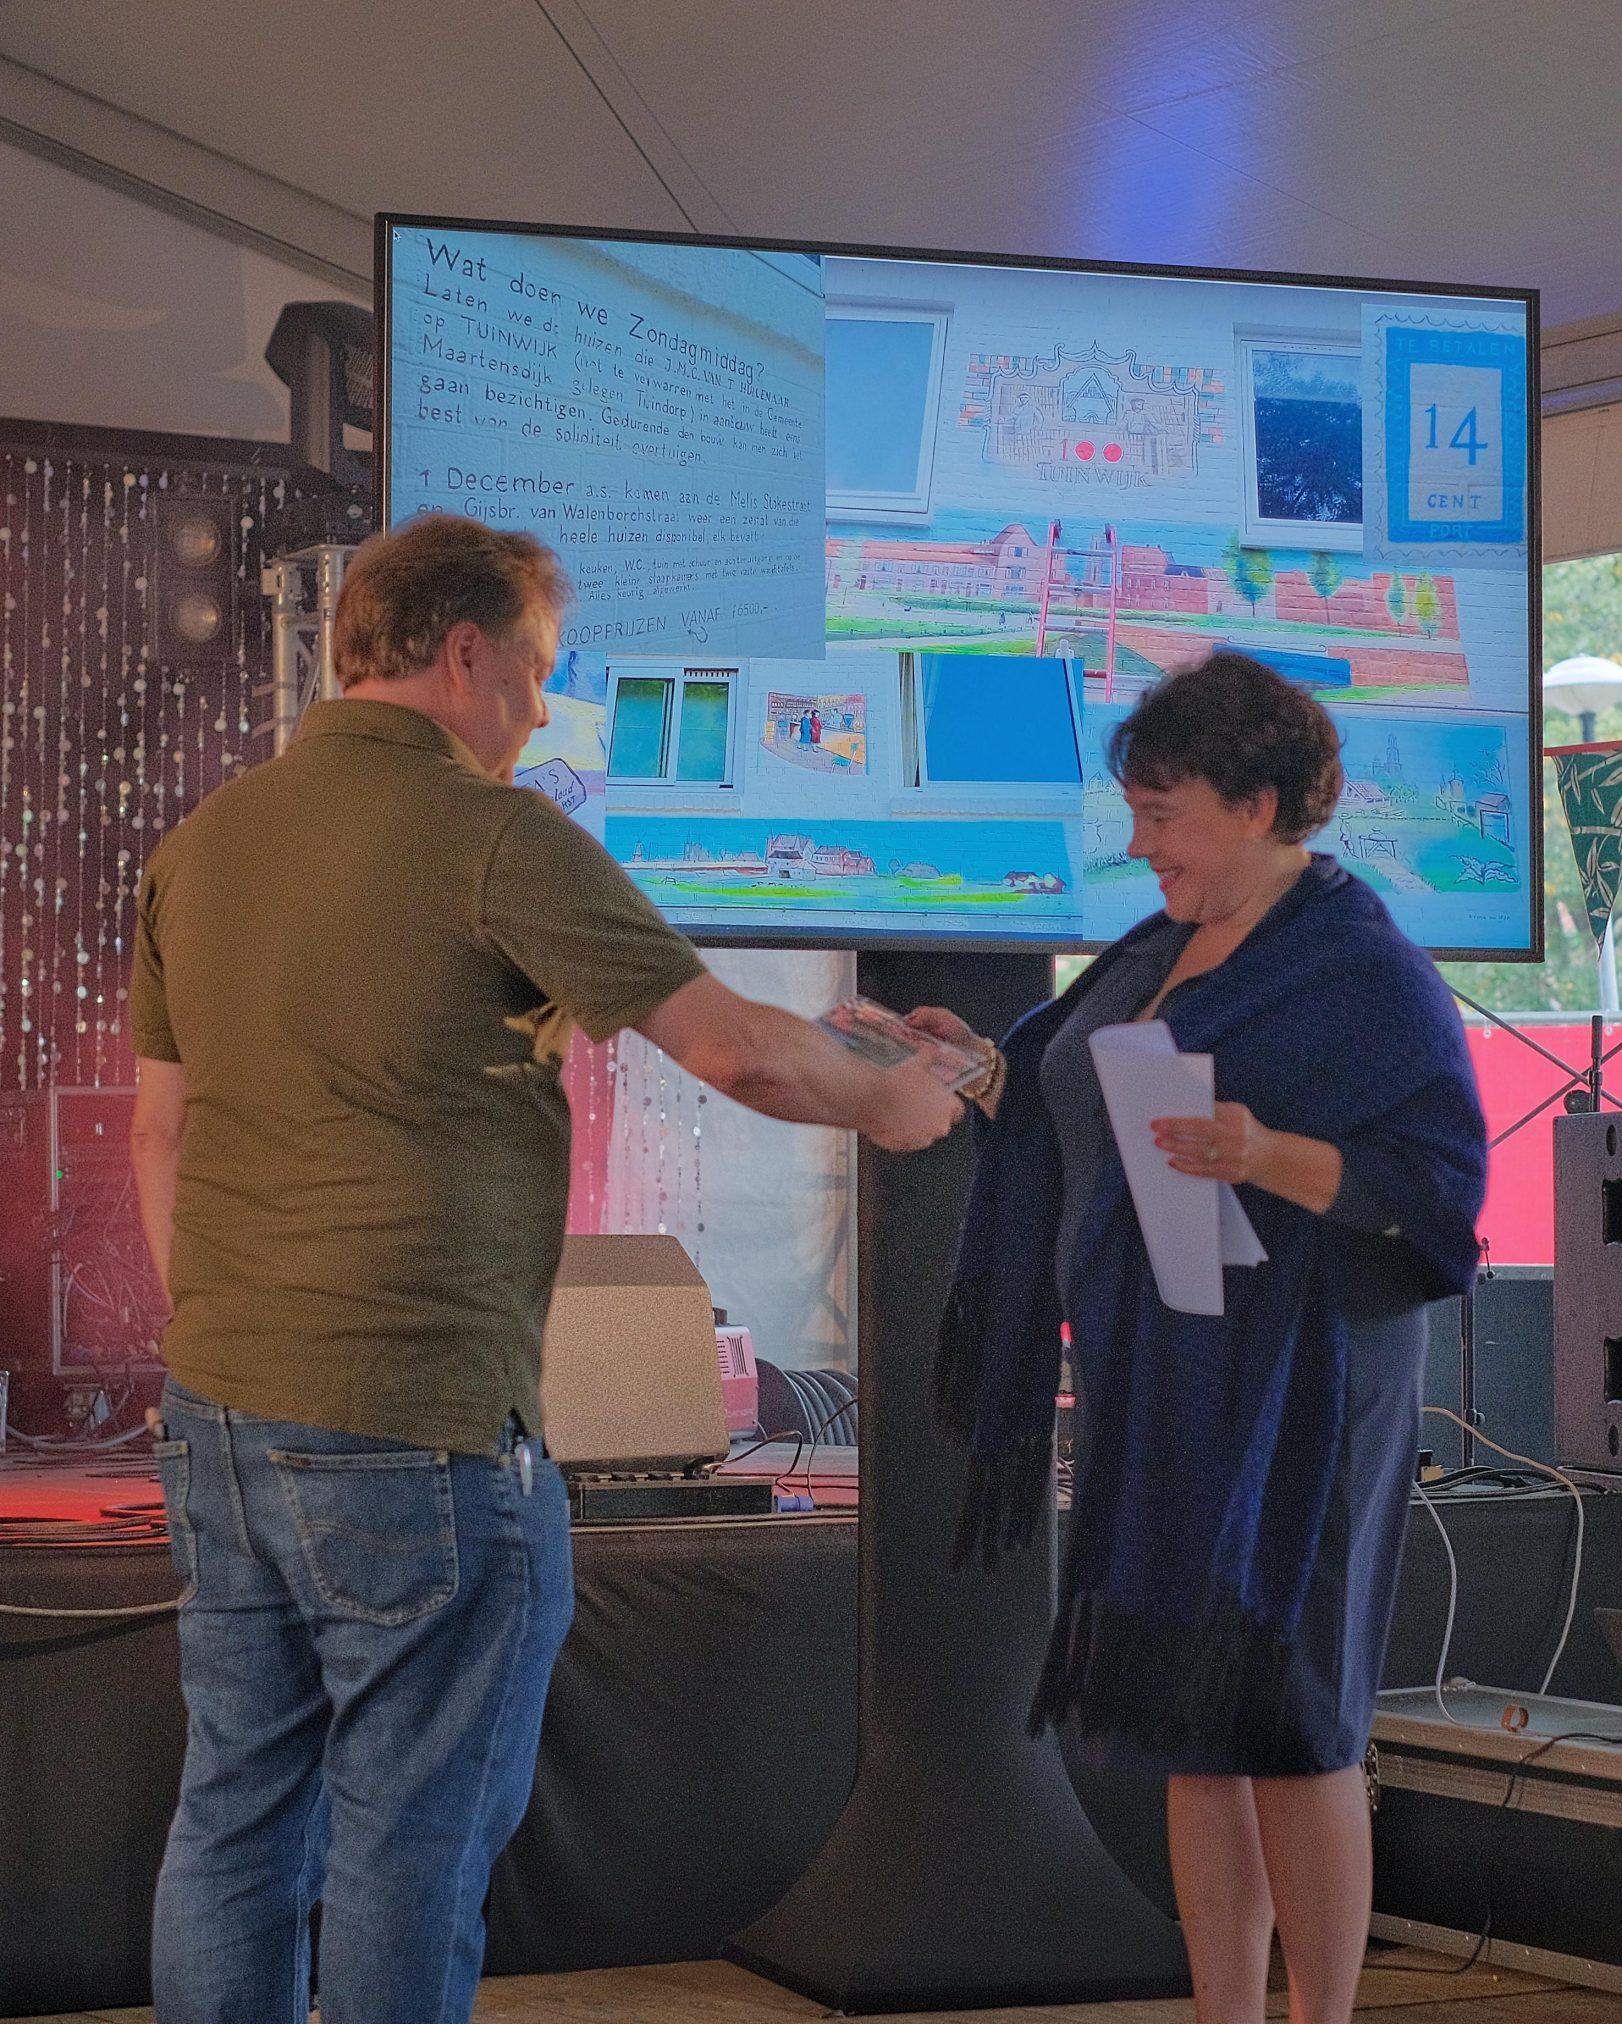 Auteur van gedenkboek 'De Tuinwijk 100, een bijzondere wijk.' Alex van Hout overhandigd het eerste exemplaar aan burgemeester Sharon Dijksma.